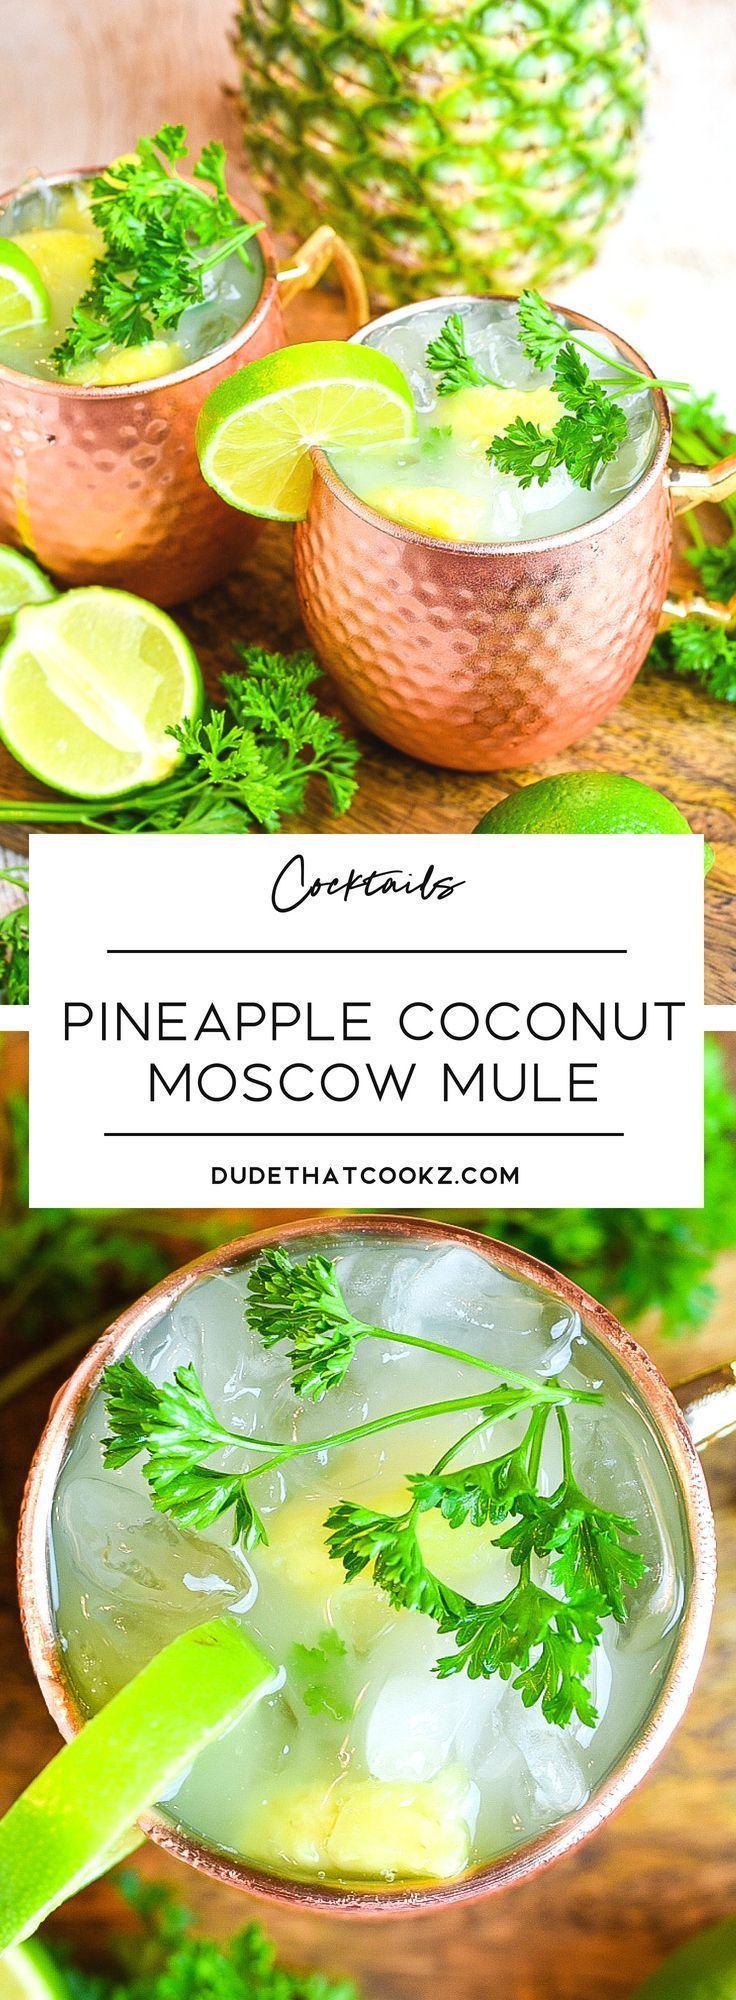 Die natürlichen Aromen, die Sie erhalten, wenn Sie die frischen Ananasstücke erhalten ….   – Cocktail